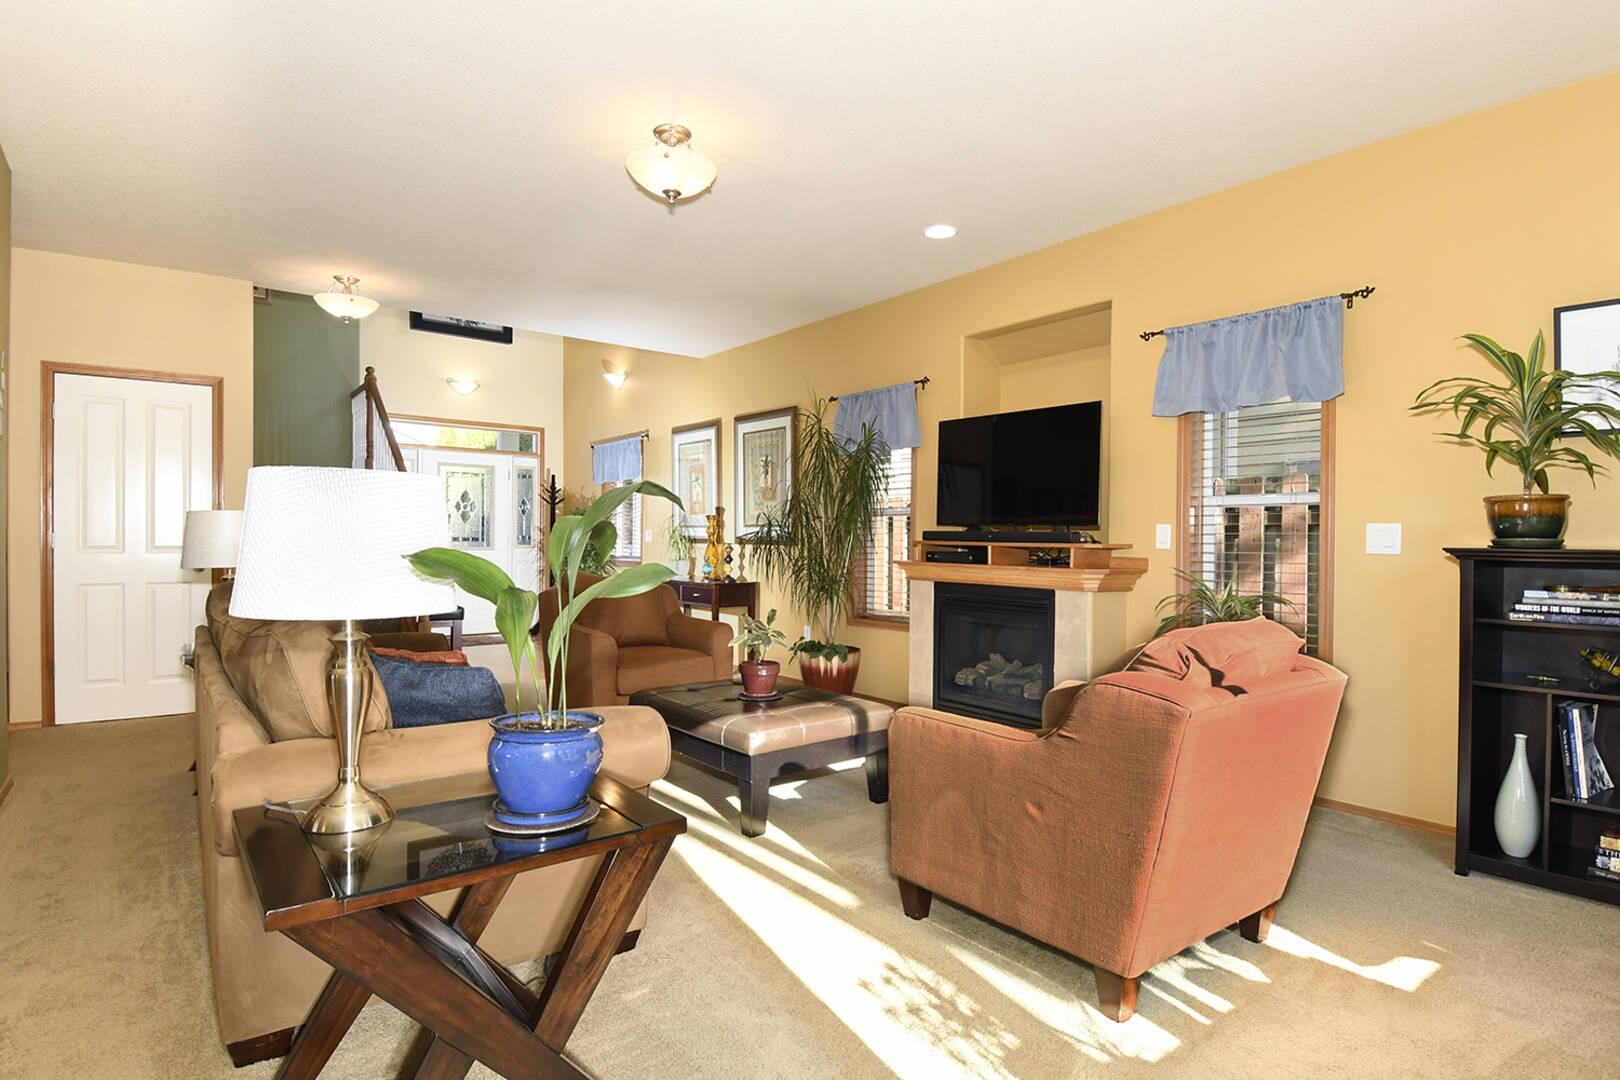 21926 NE Couch St Gresham, OR 97030